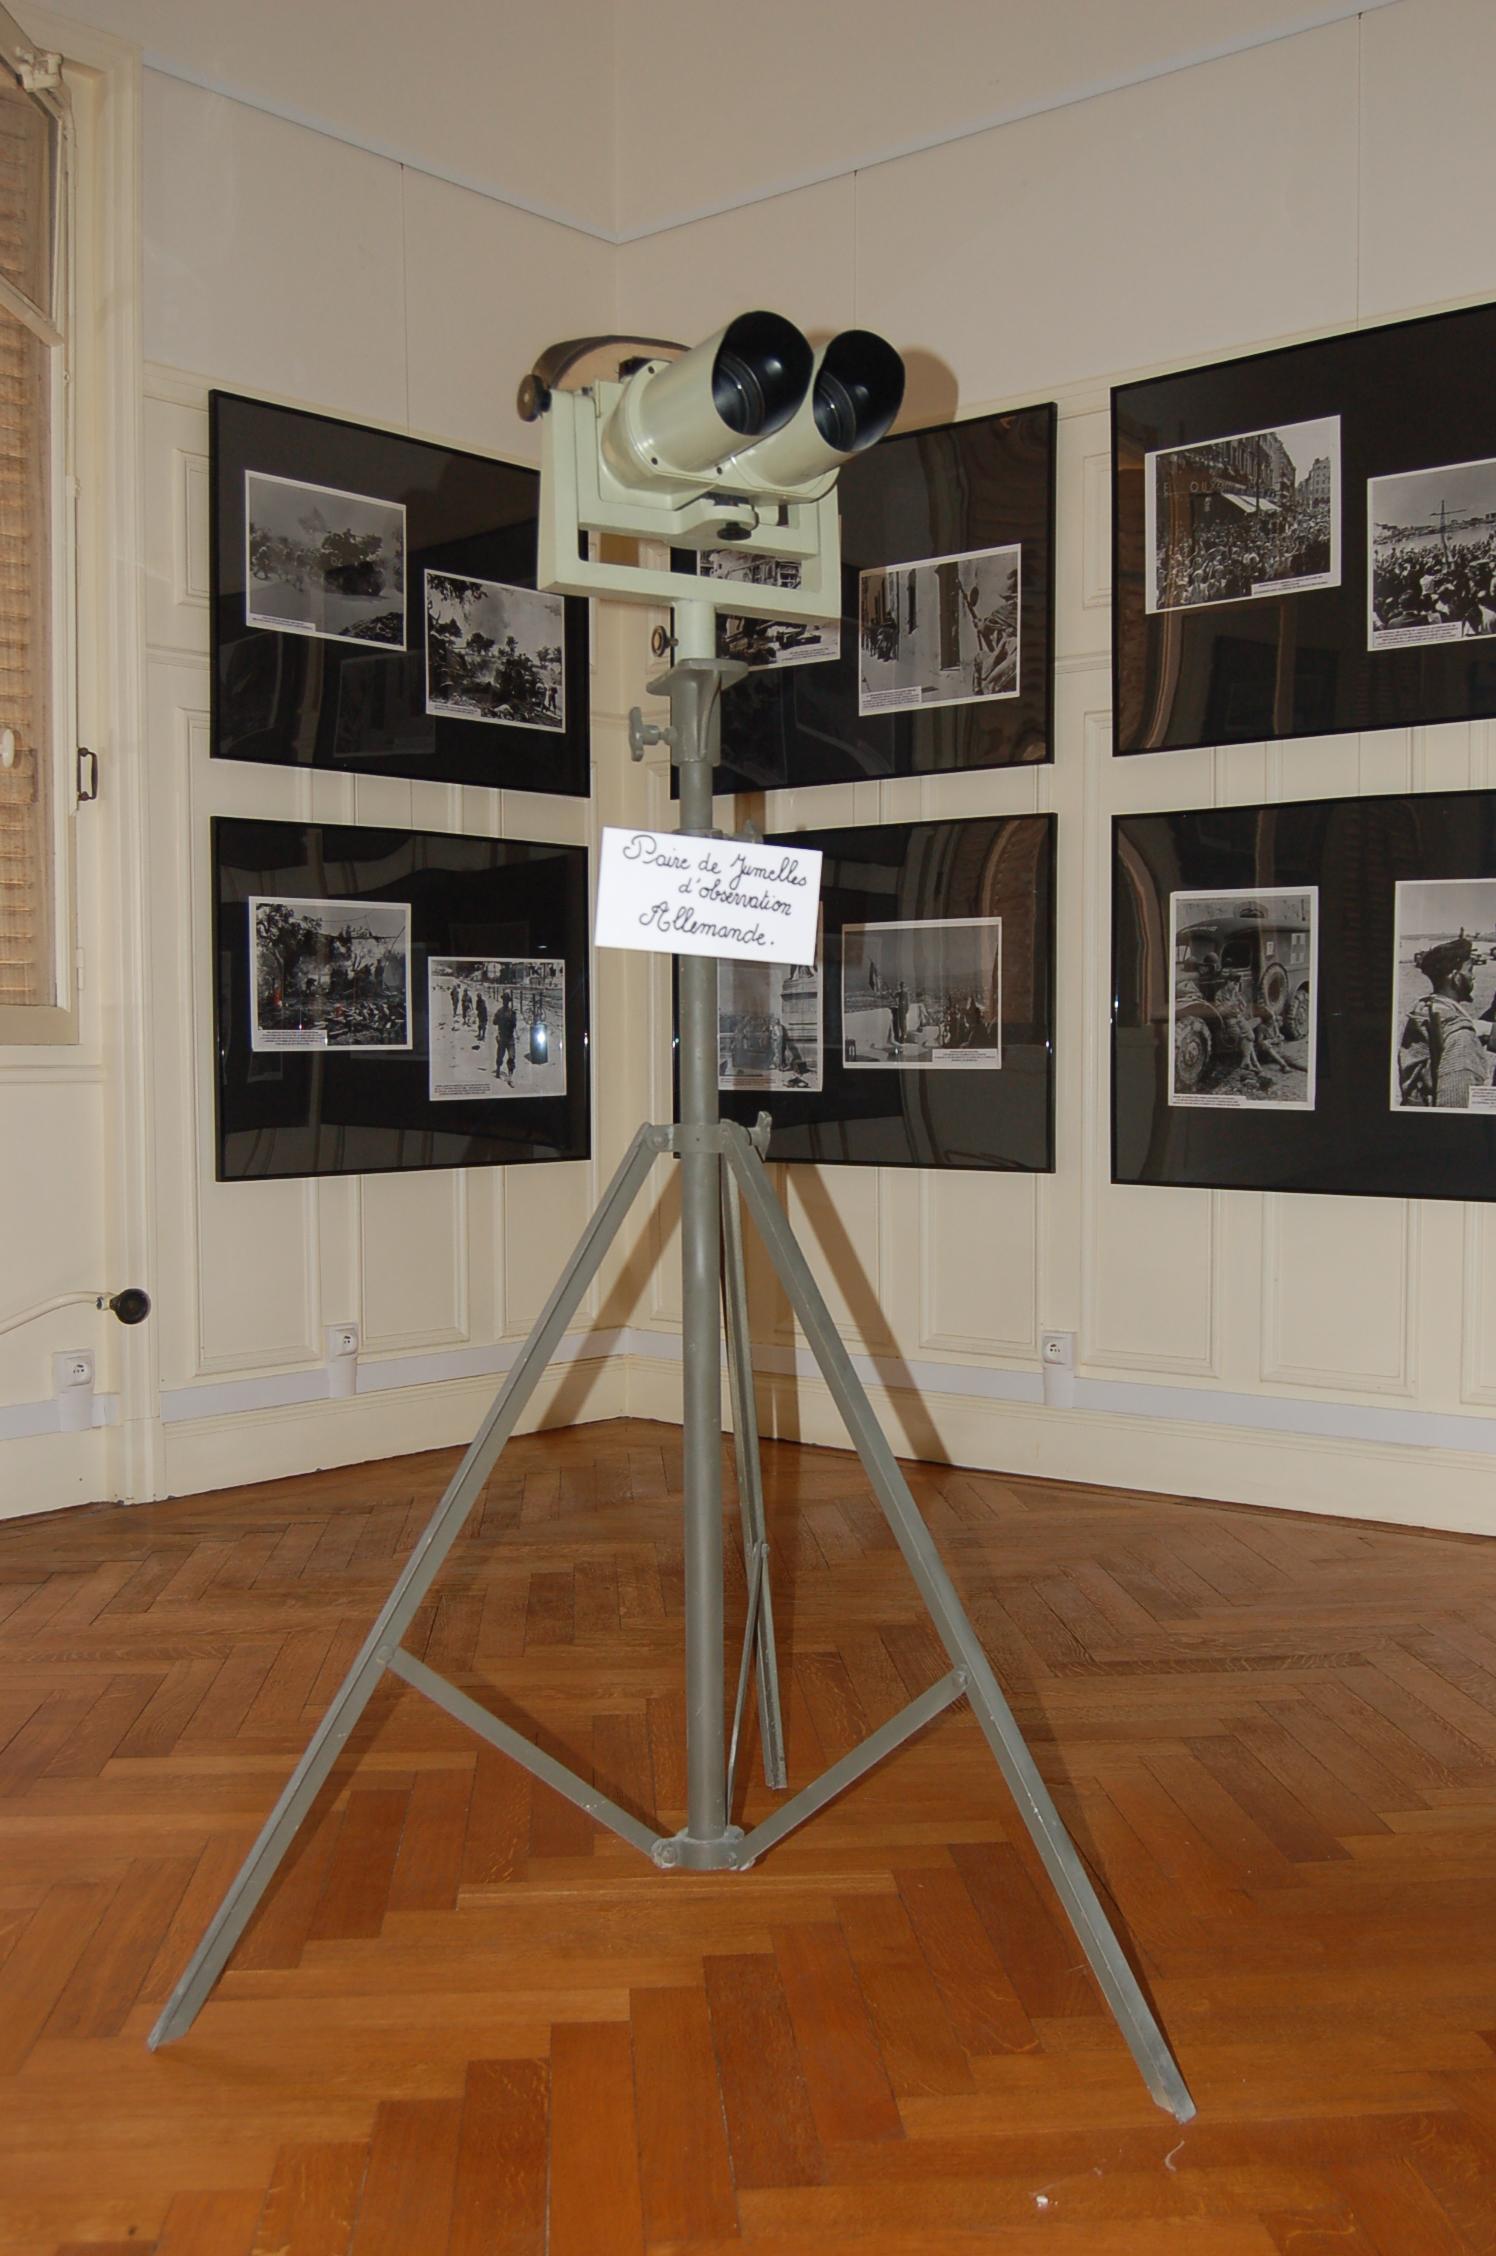 Jumelle-exposition Devoir de Mémoire